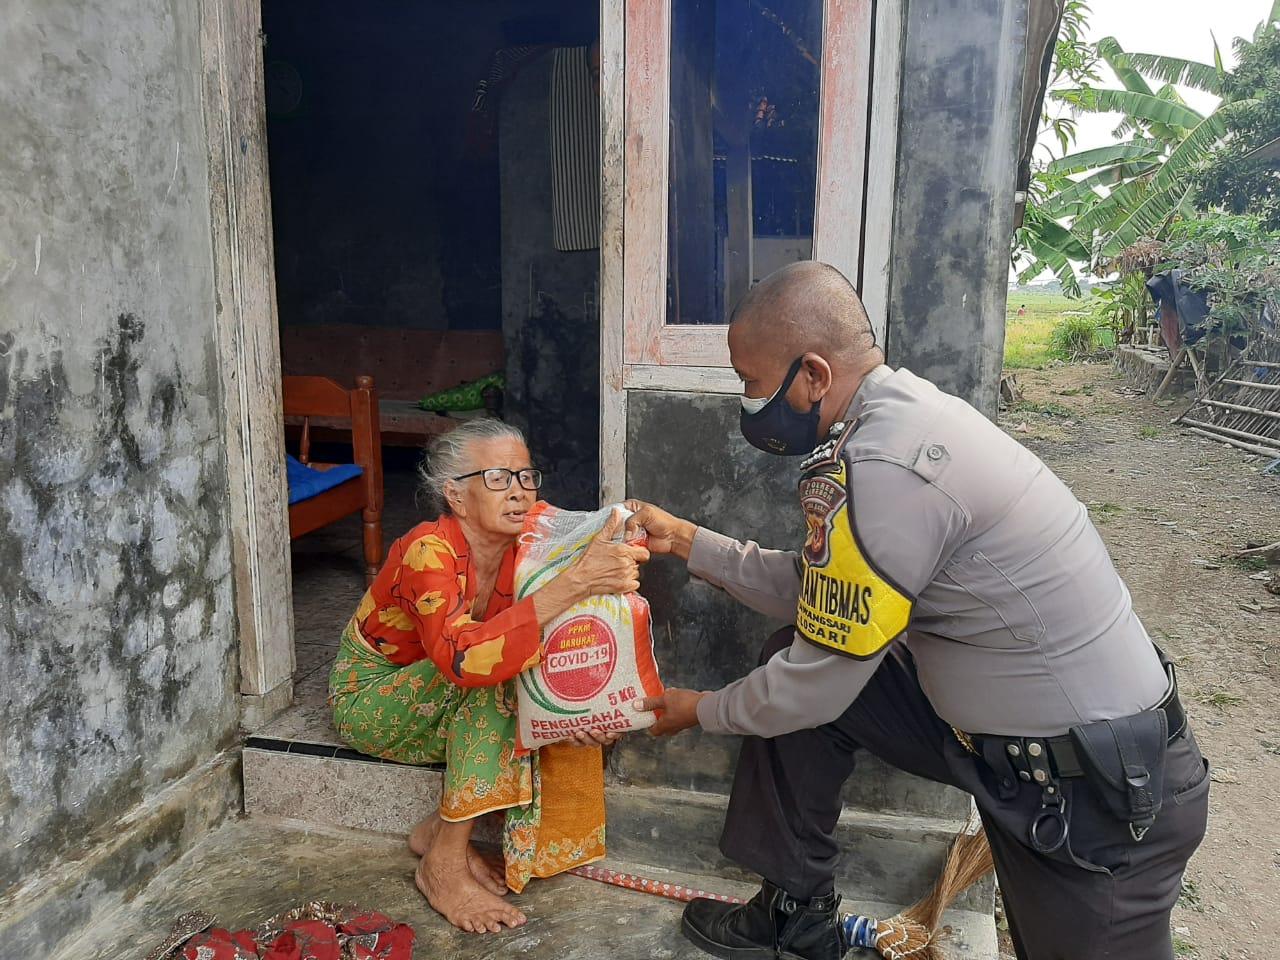 Polresta Cirebon Serahkan Bantuan Beras Kepada Warga Desa Mulyasari dan Desa Tawangsari